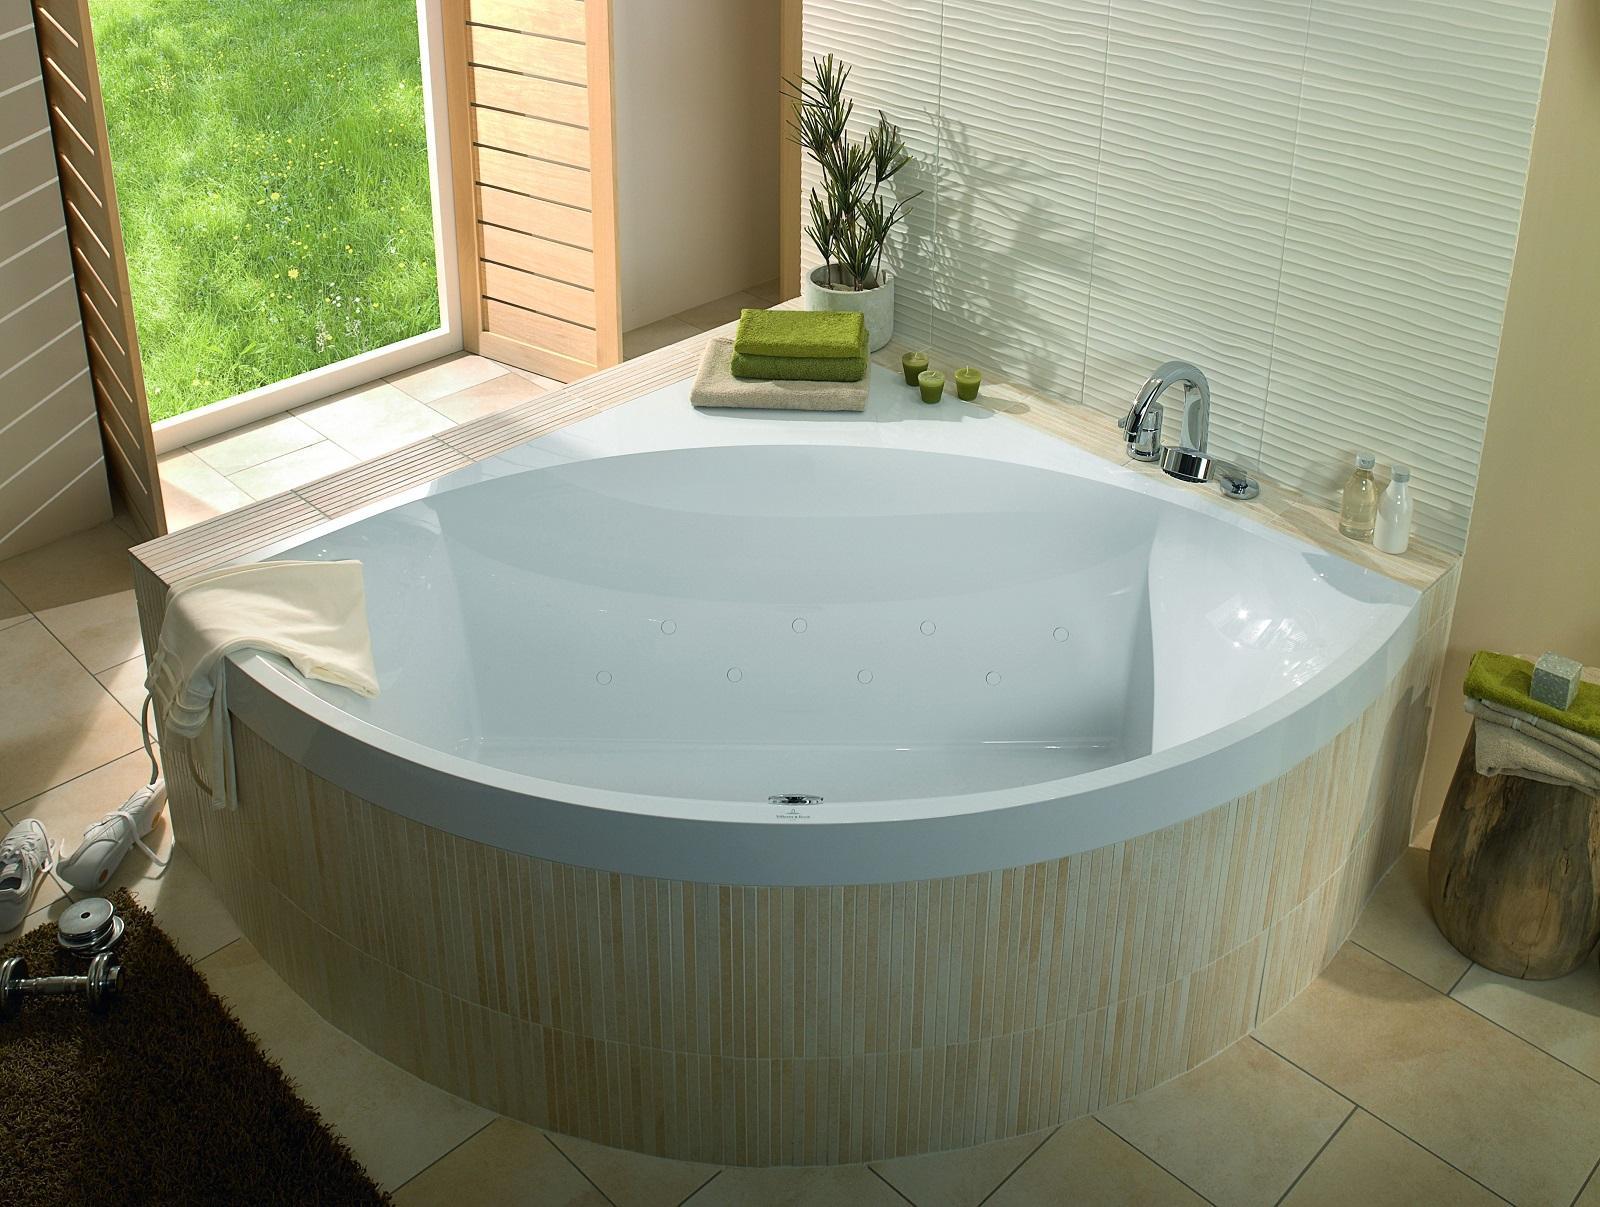 Vasche Idromassaggio Misure E Prezzi vasche angolari con foto, misure e prezzi - cose di casa